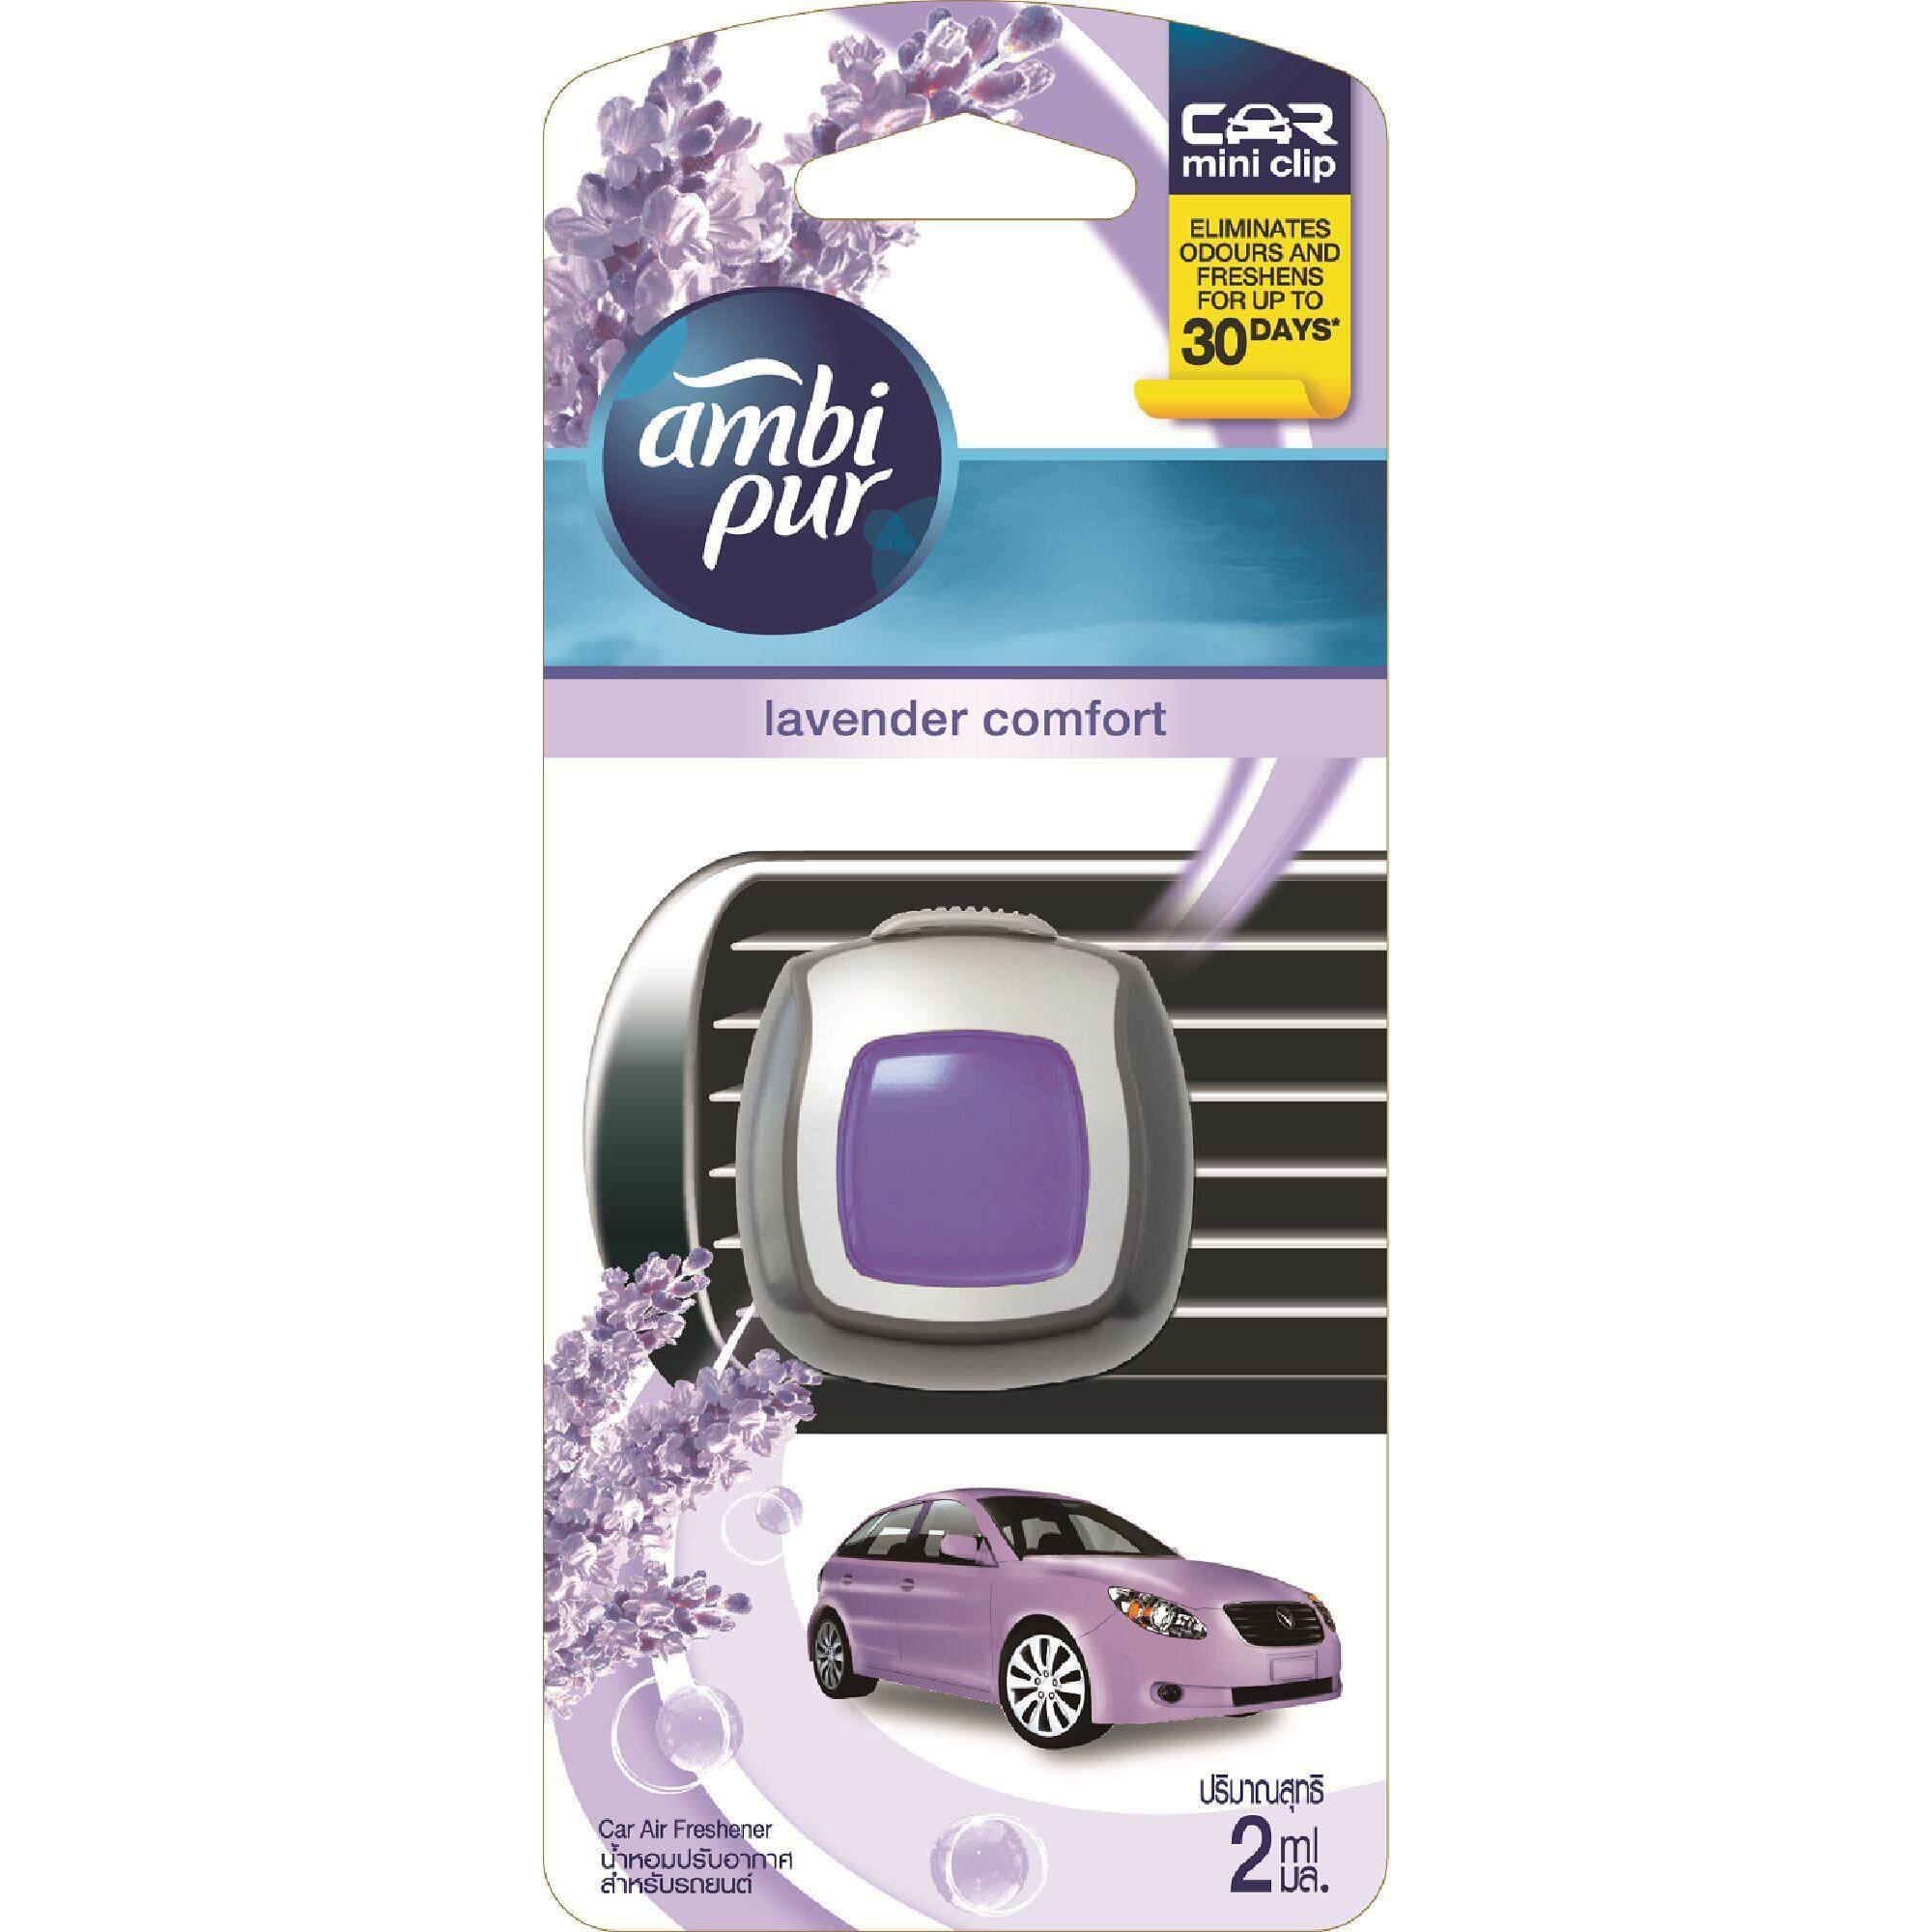 Ambi Pur Mini Clip Car Air Freshener Lavender Comfort 2ML